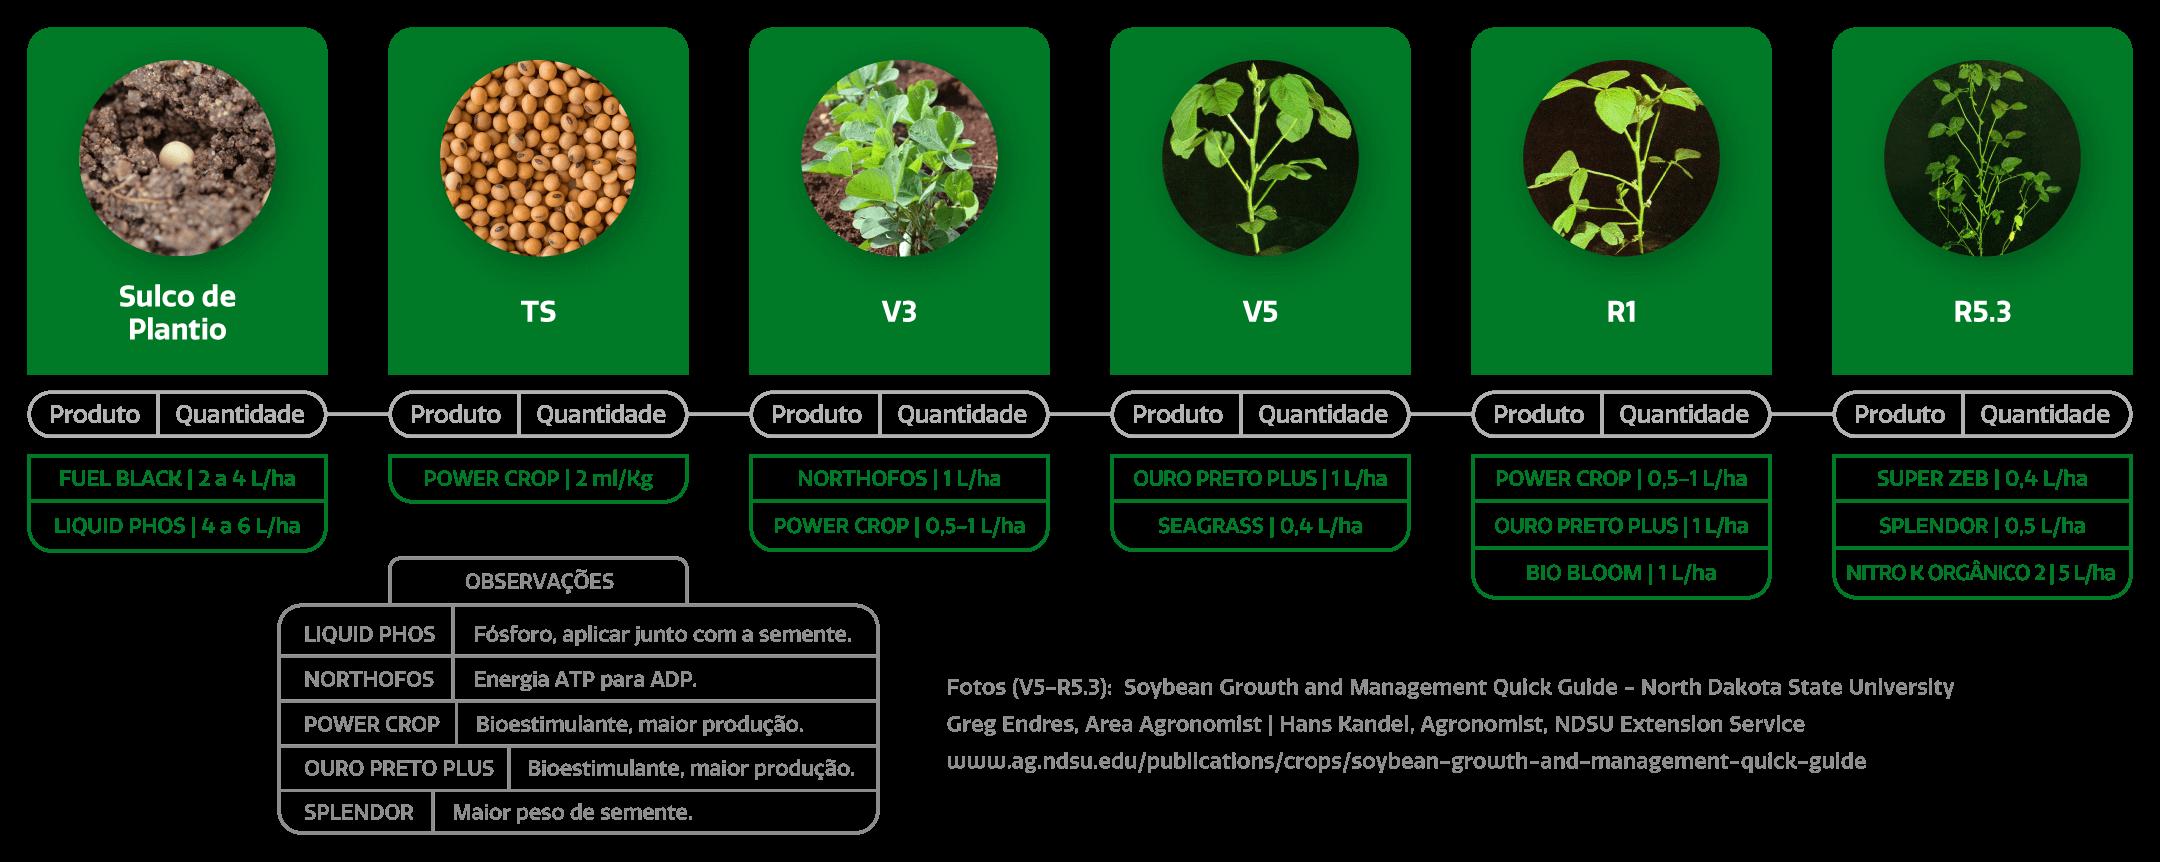 Amazon AgroSciences Páginas de Cultura Estágios da Soja Imagem Desktop